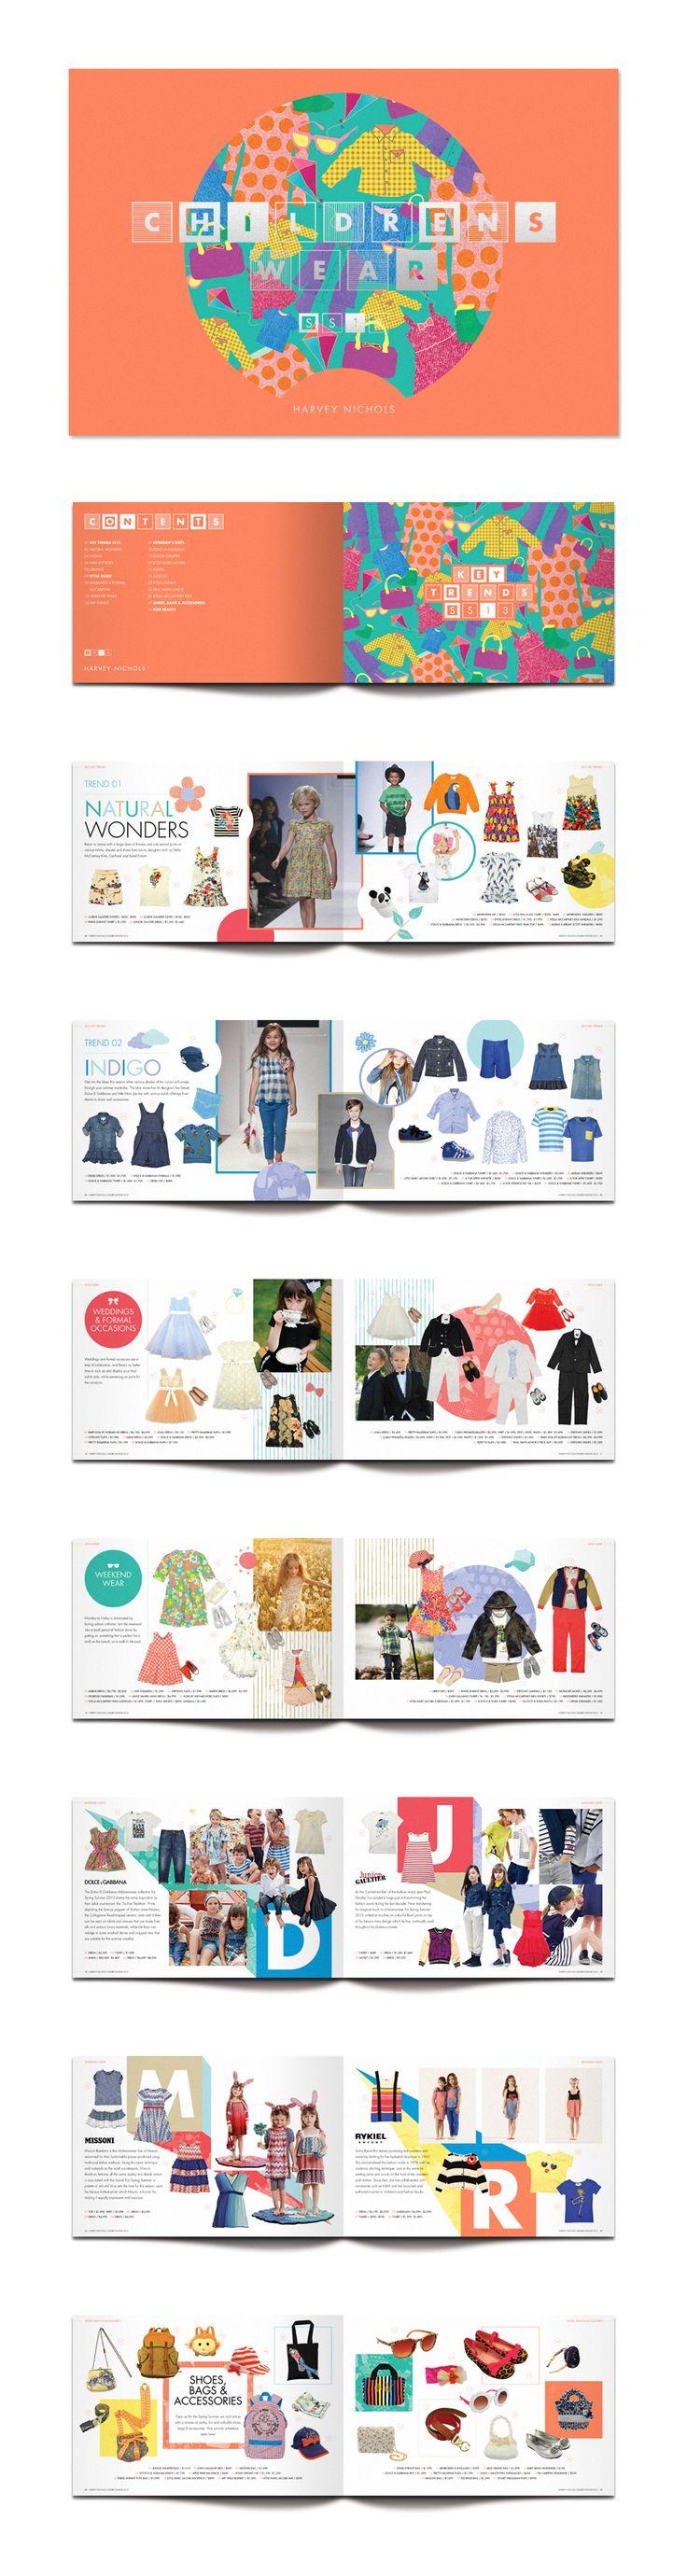 Harvey Nichols (HK) Childrenswear SS13 by Double Eleven Design Studio (via Creattica)